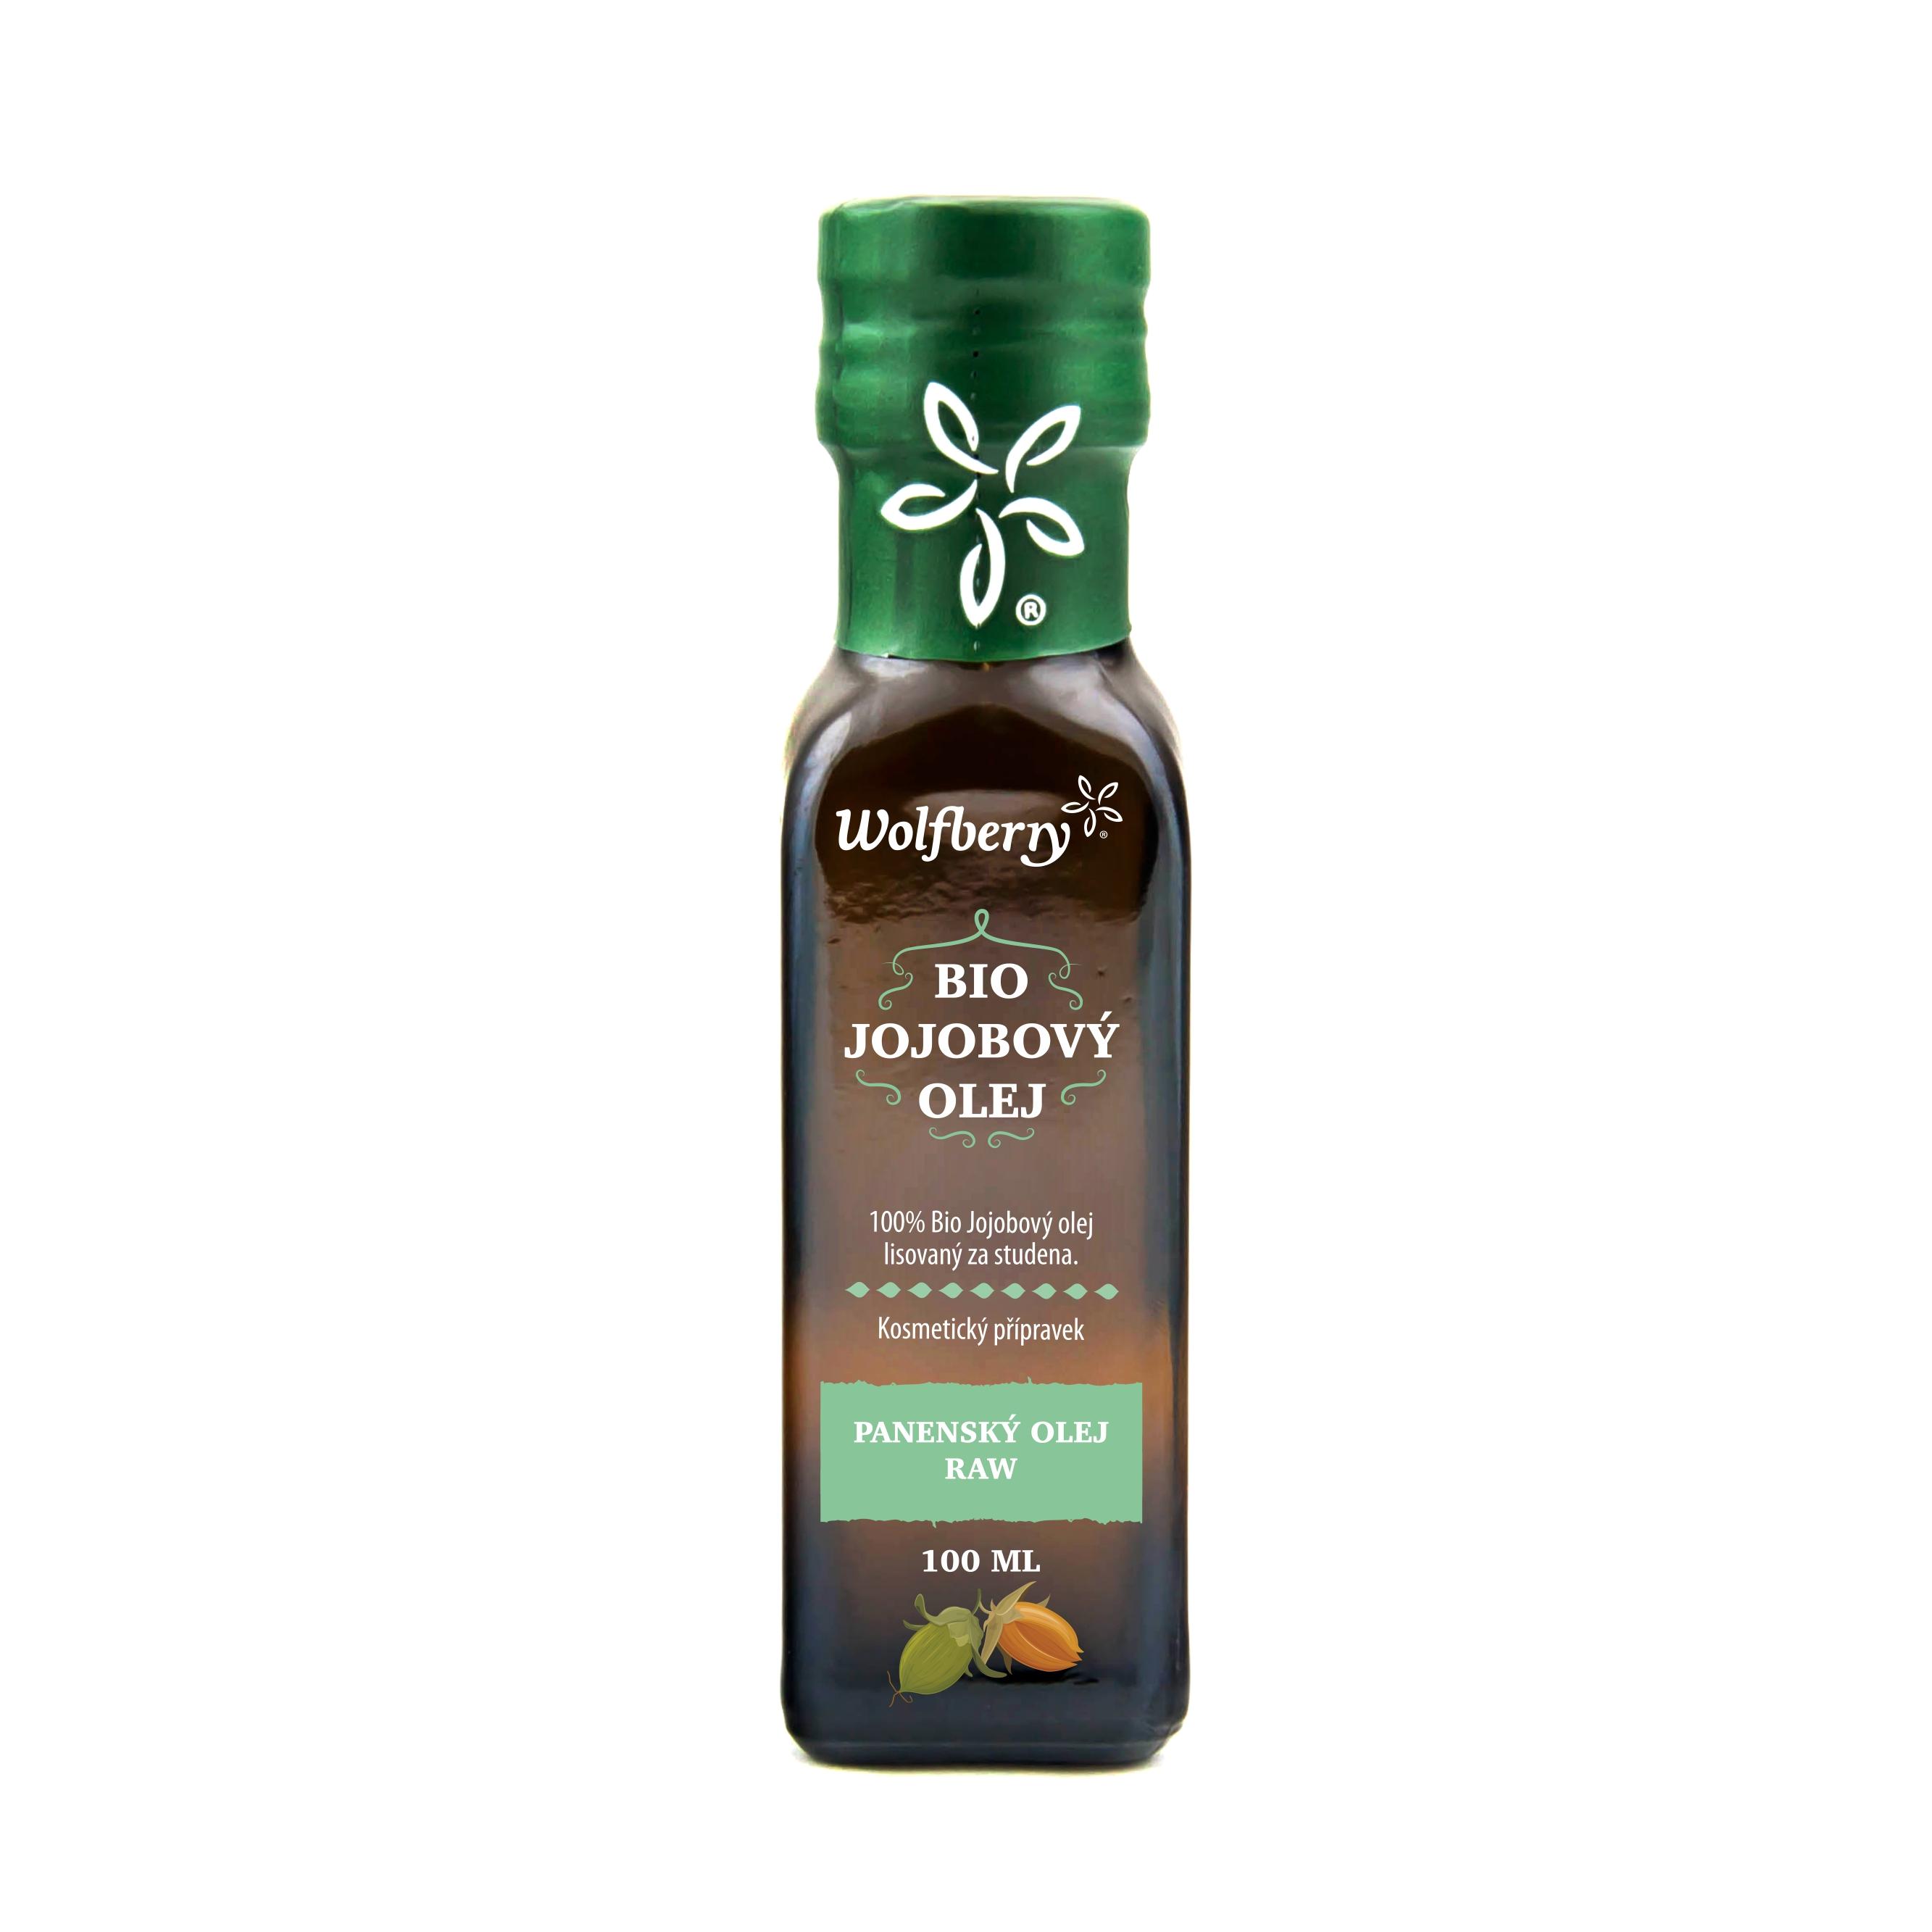 Jojobový olej bio 100ml wolfberry